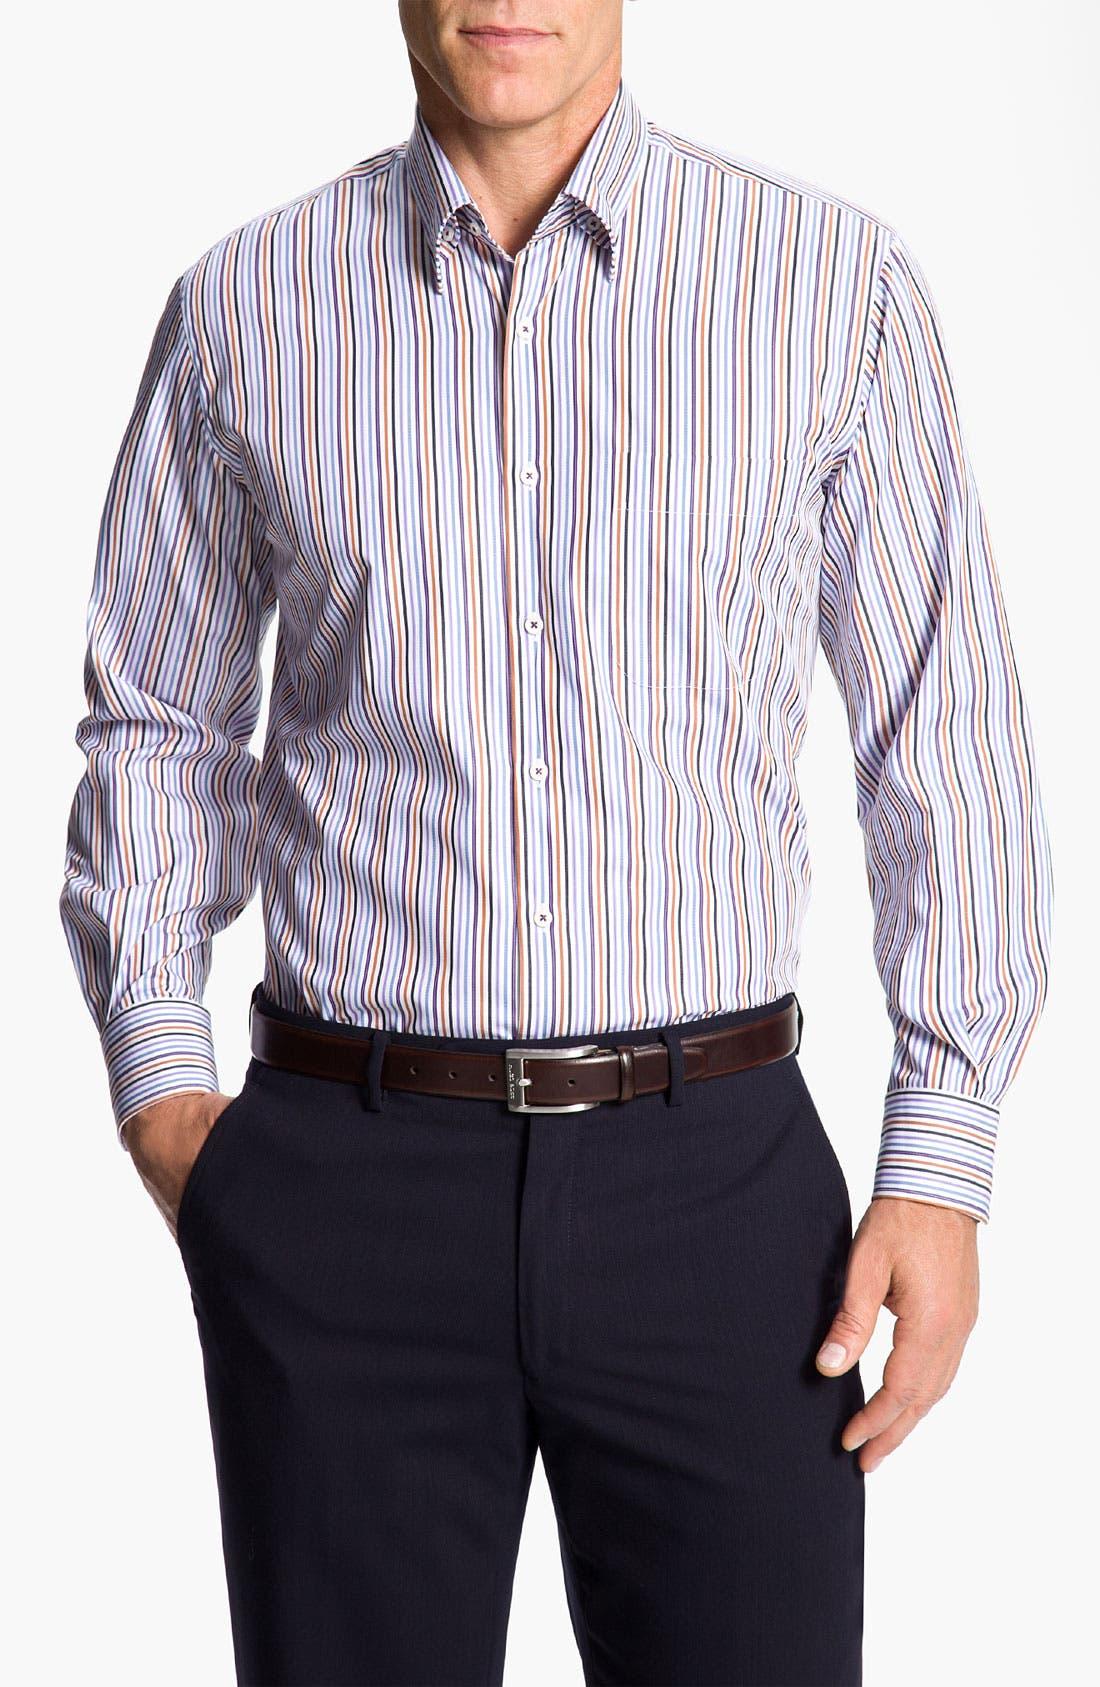 Main Image - Peter Millar 'Pinwheel Stripe' Sport Shirt